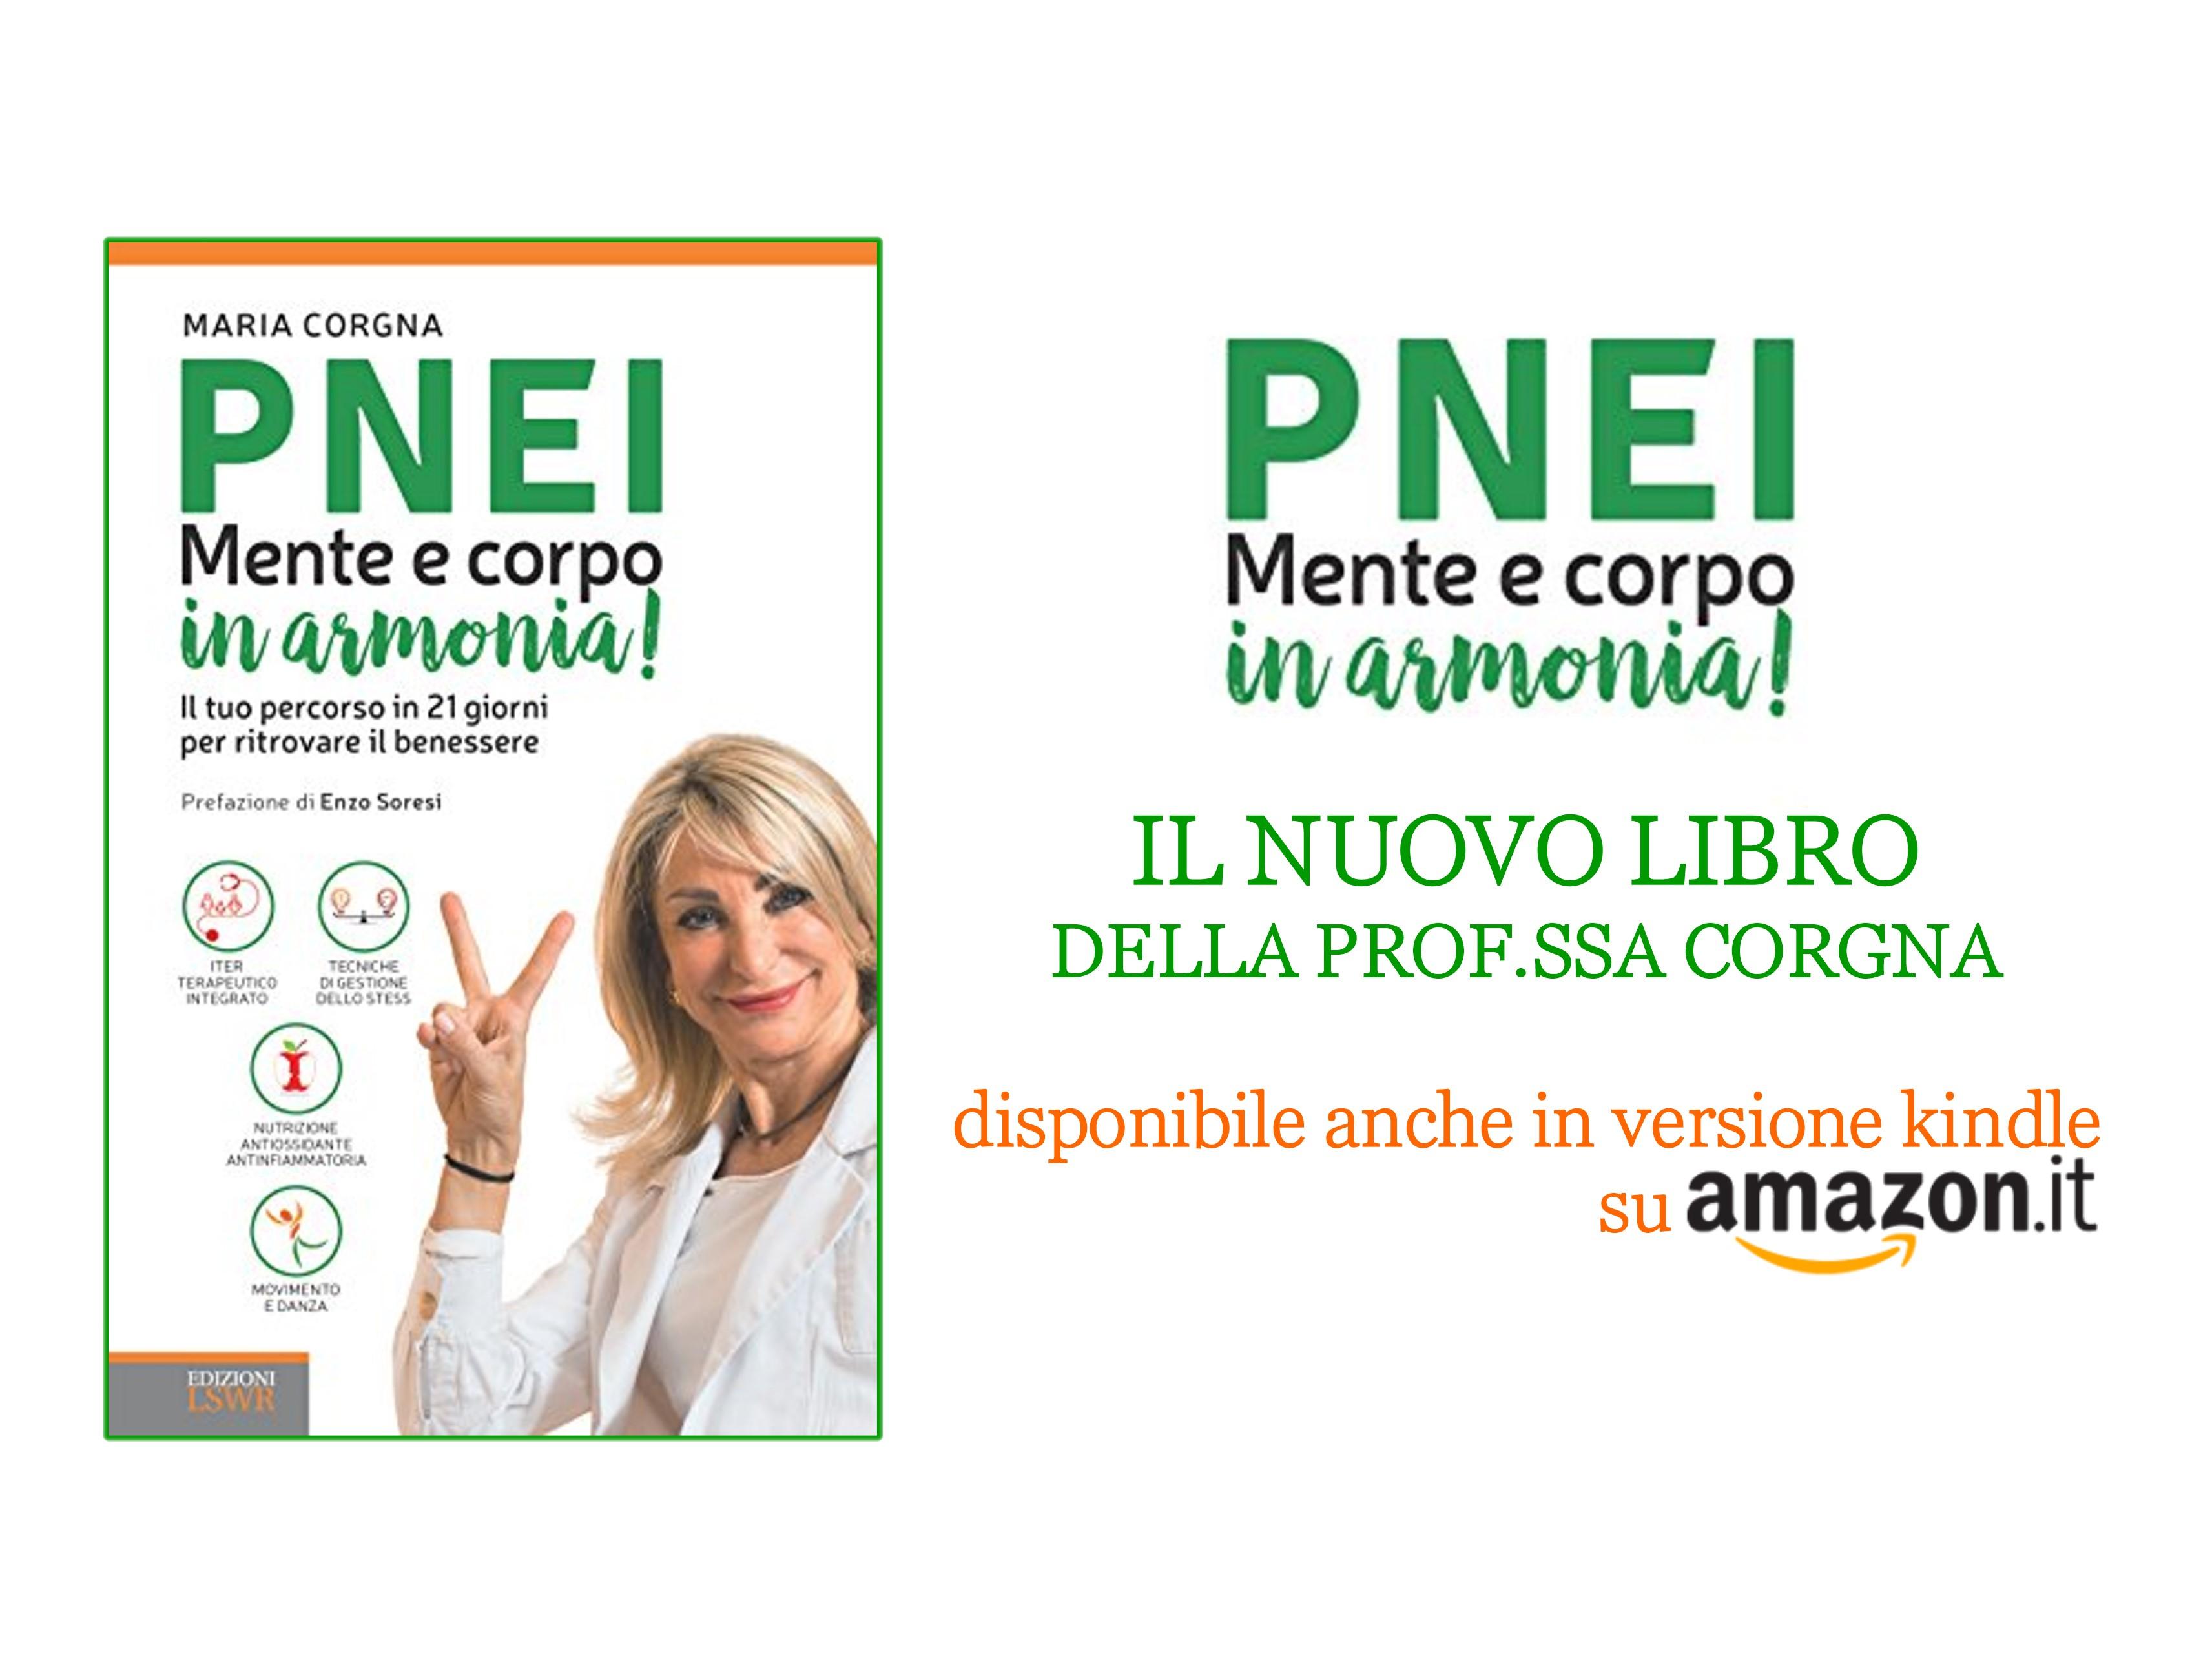 http://www.pnei4u.com/wp-content/uploads/2017/09/promo-libro.jpg